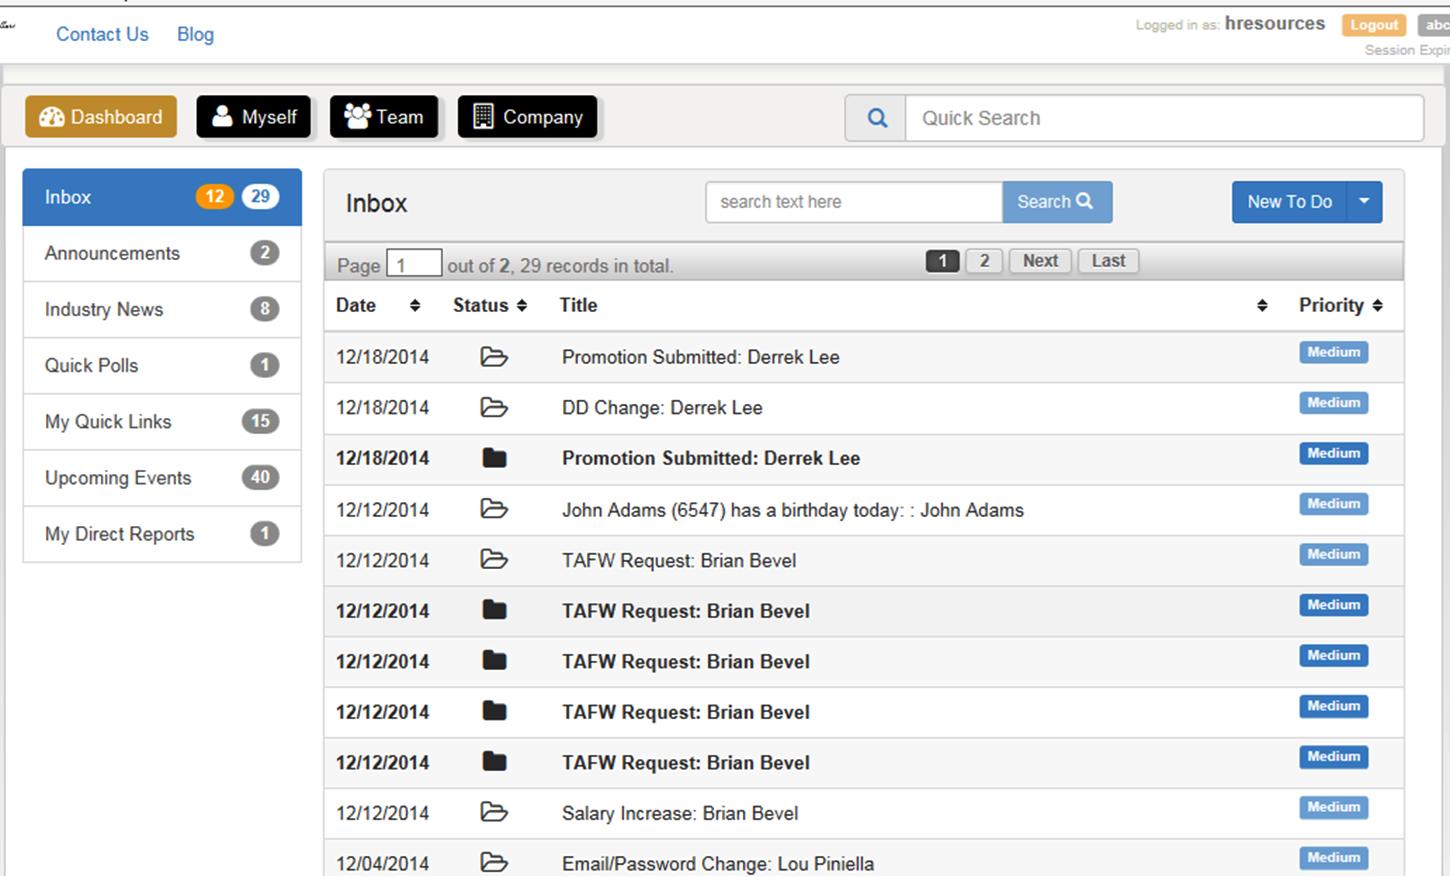 Toast Payroll & Team Management Software - Inbox